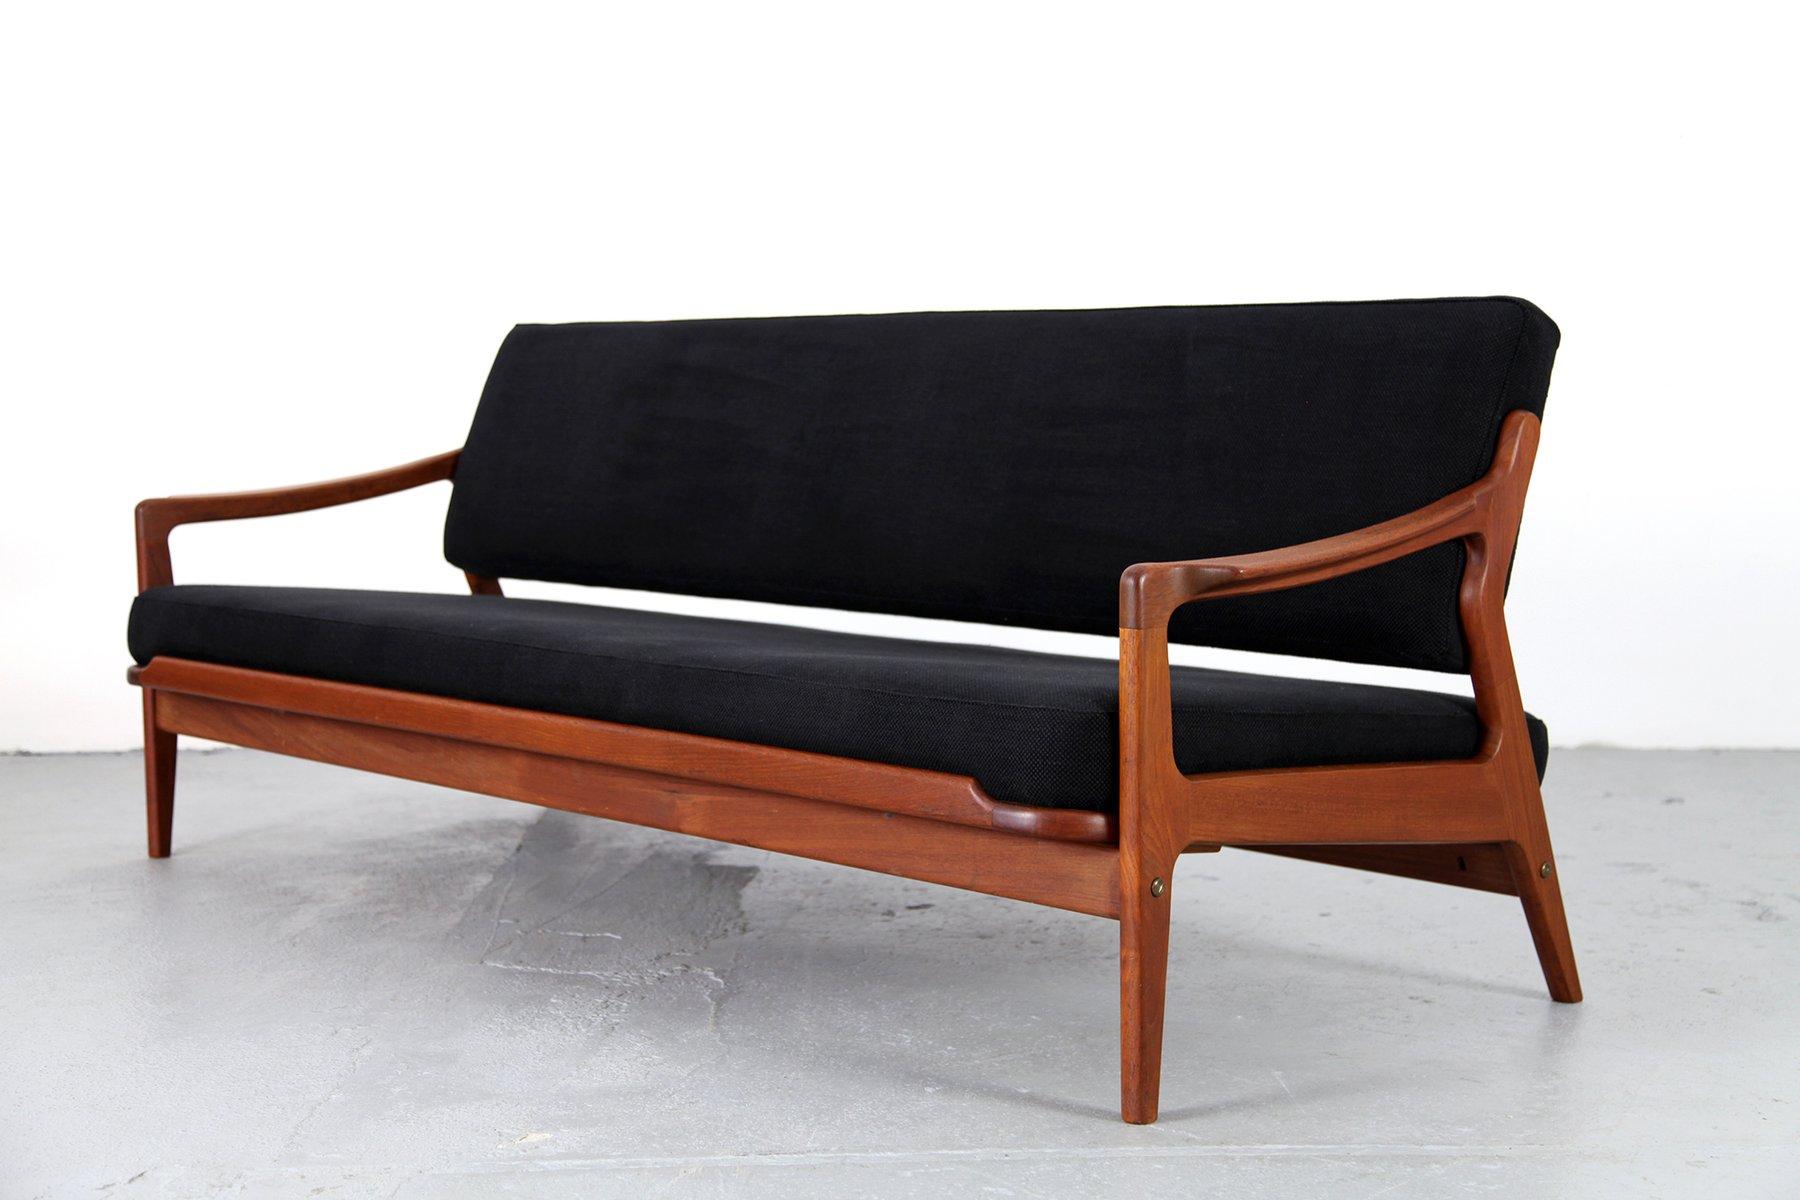 teak dreisitzer mit schlaffunktion von arne wahl inversen. Black Bedroom Furniture Sets. Home Design Ideas